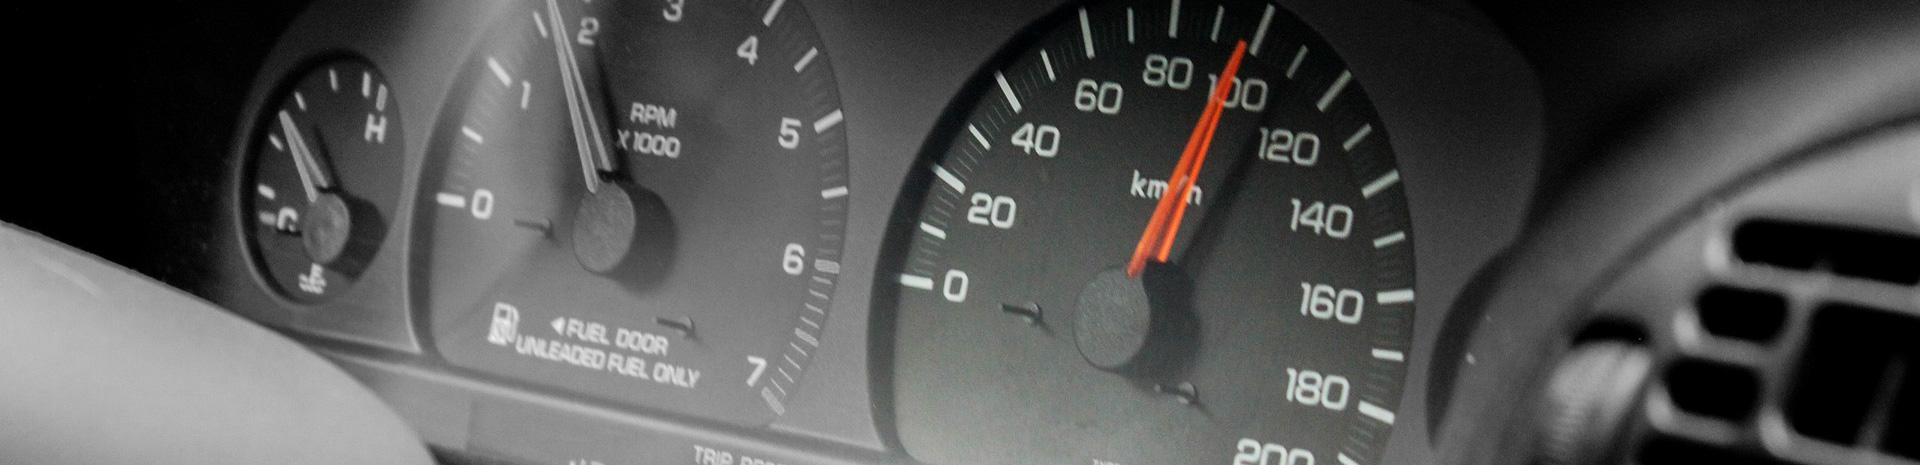 Campagne tegen te hard rijden   Letselschadebureau LetselPro